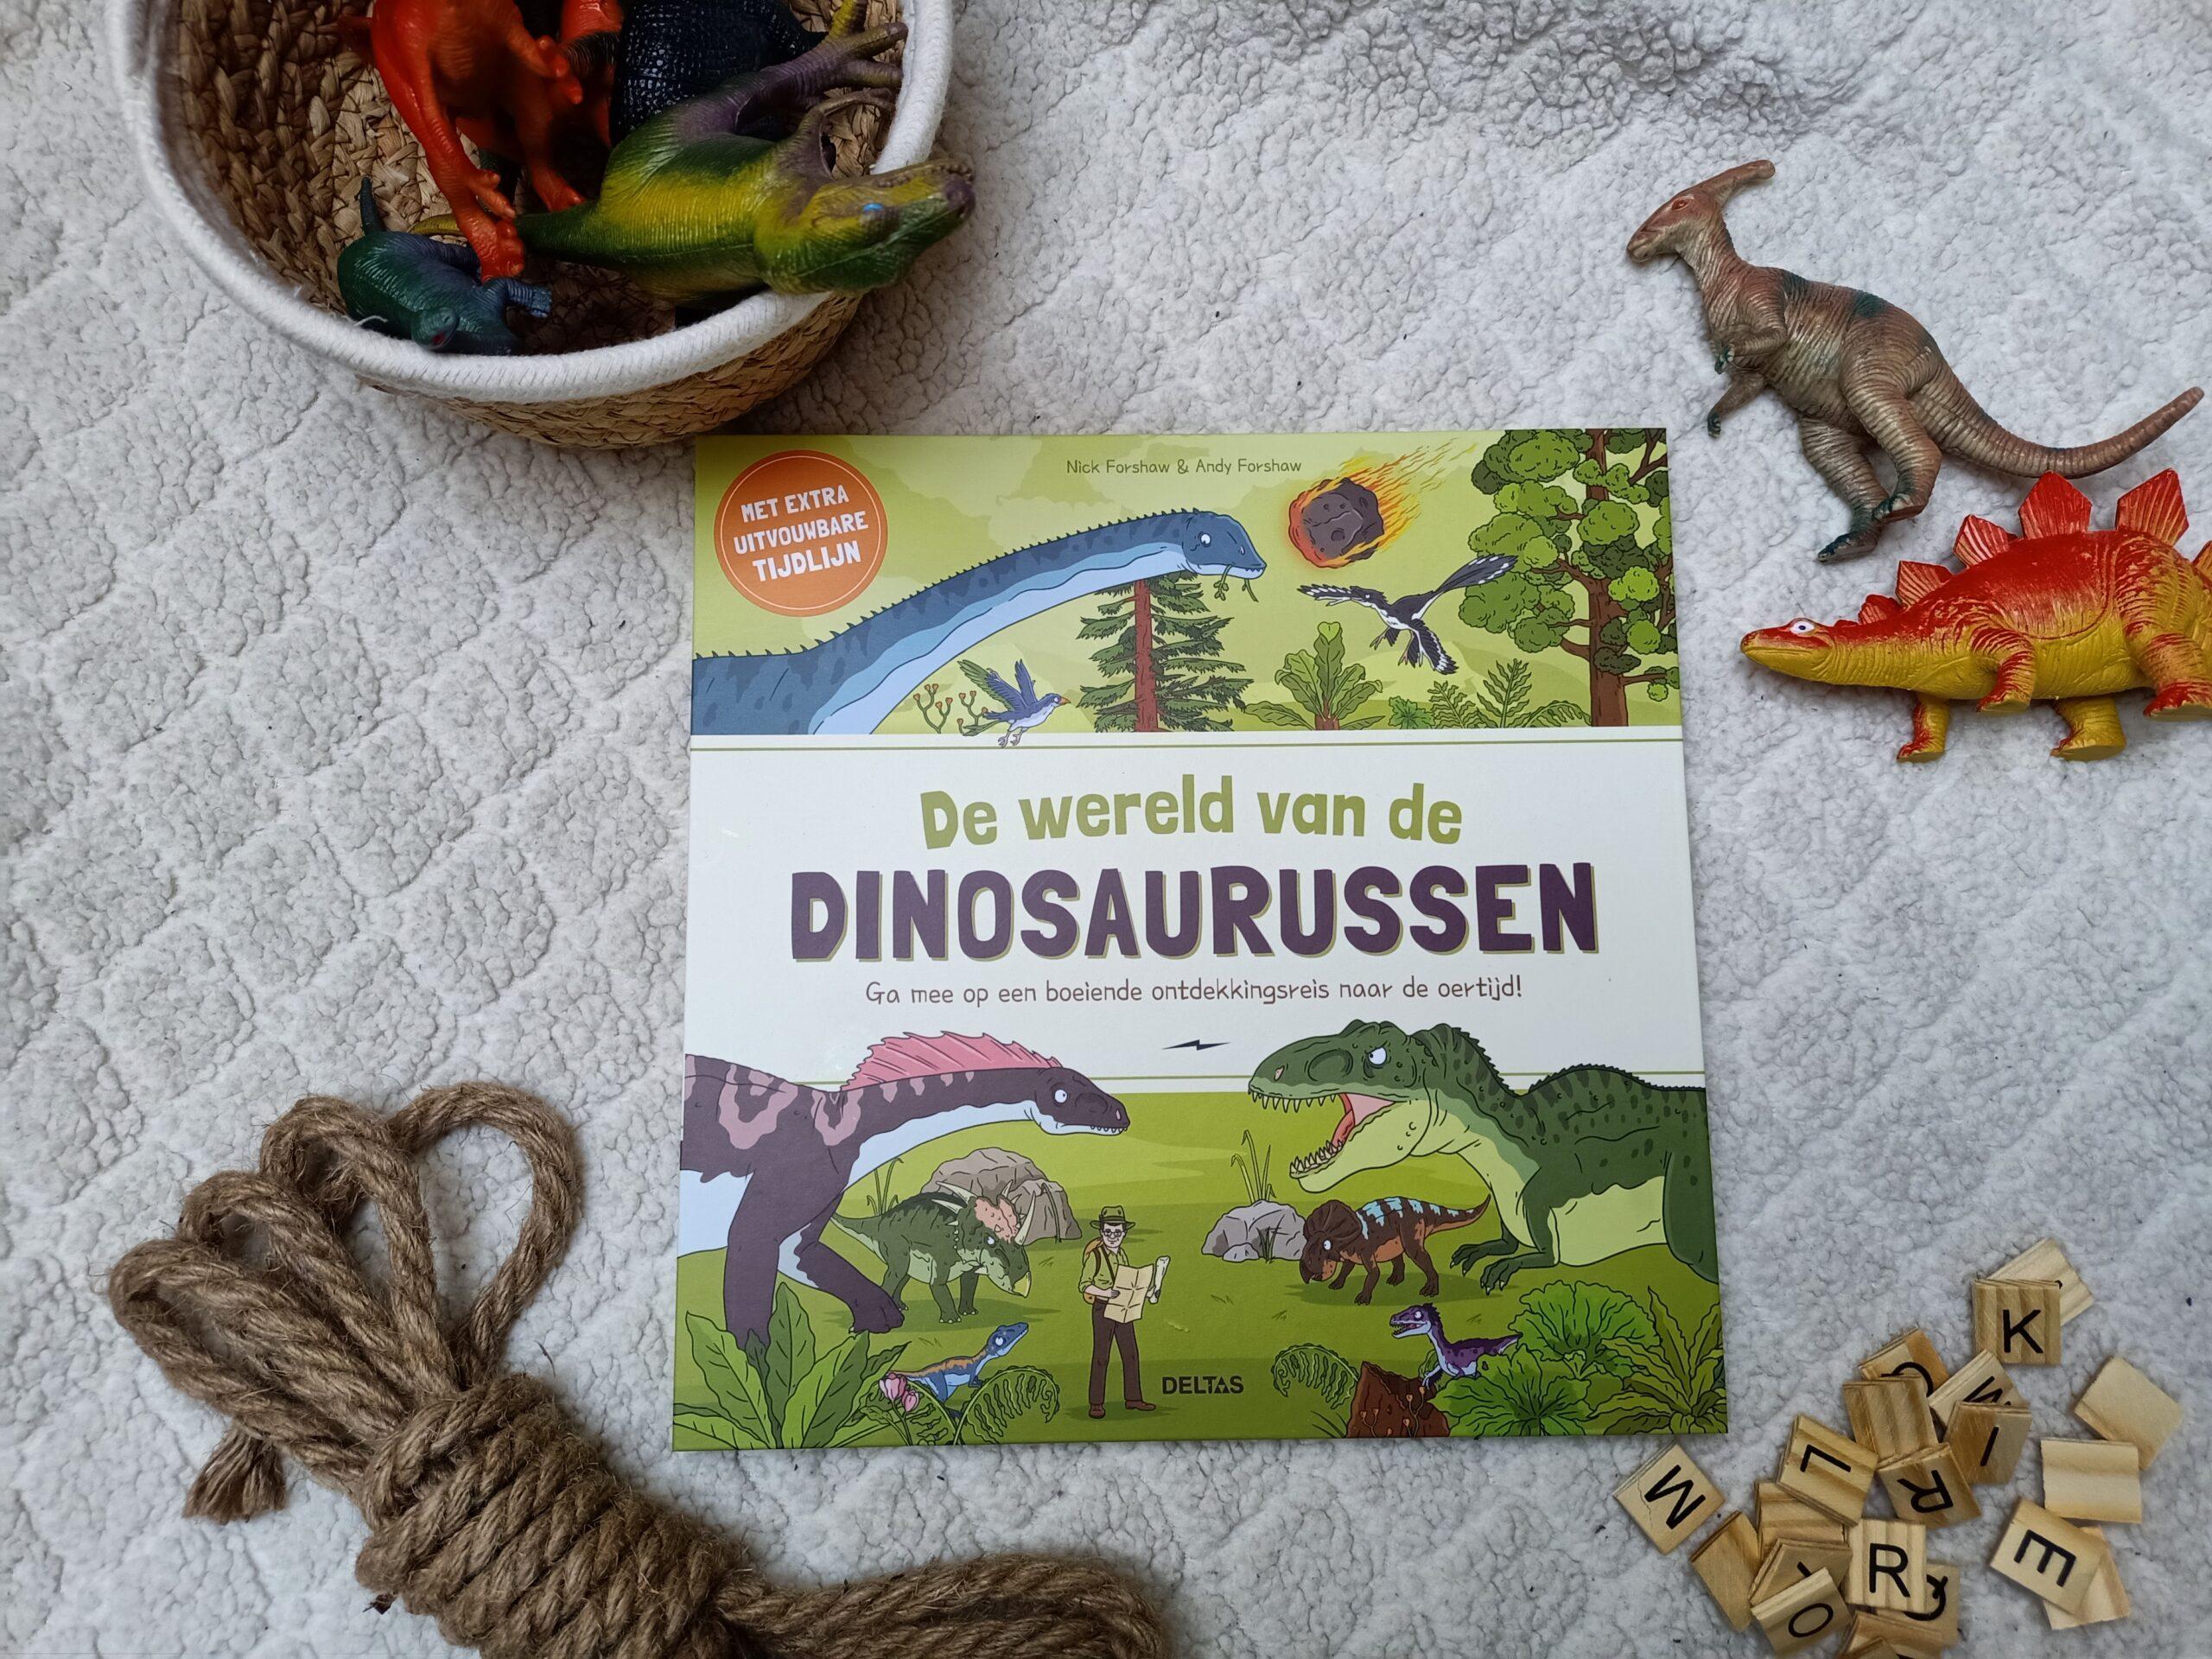 Deze dinosaurussen wil je ontdekken!